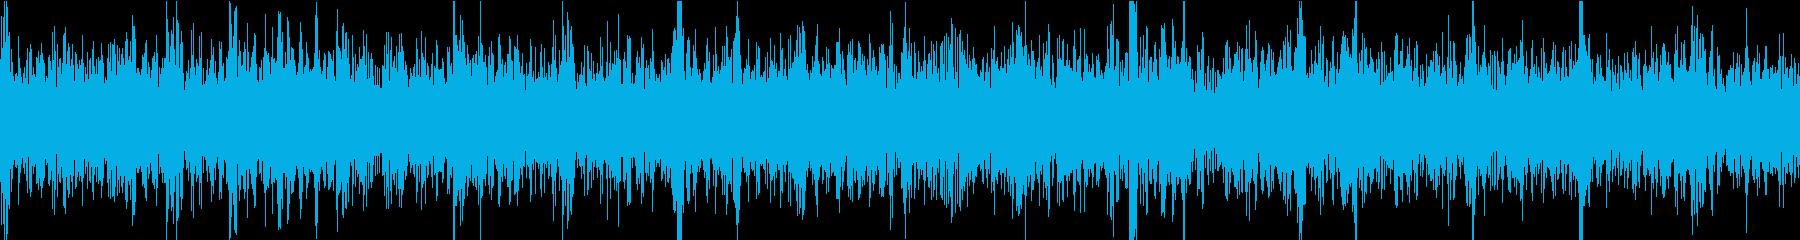 エレキギターの低音が響くヘビーメタルの再生済みの波形